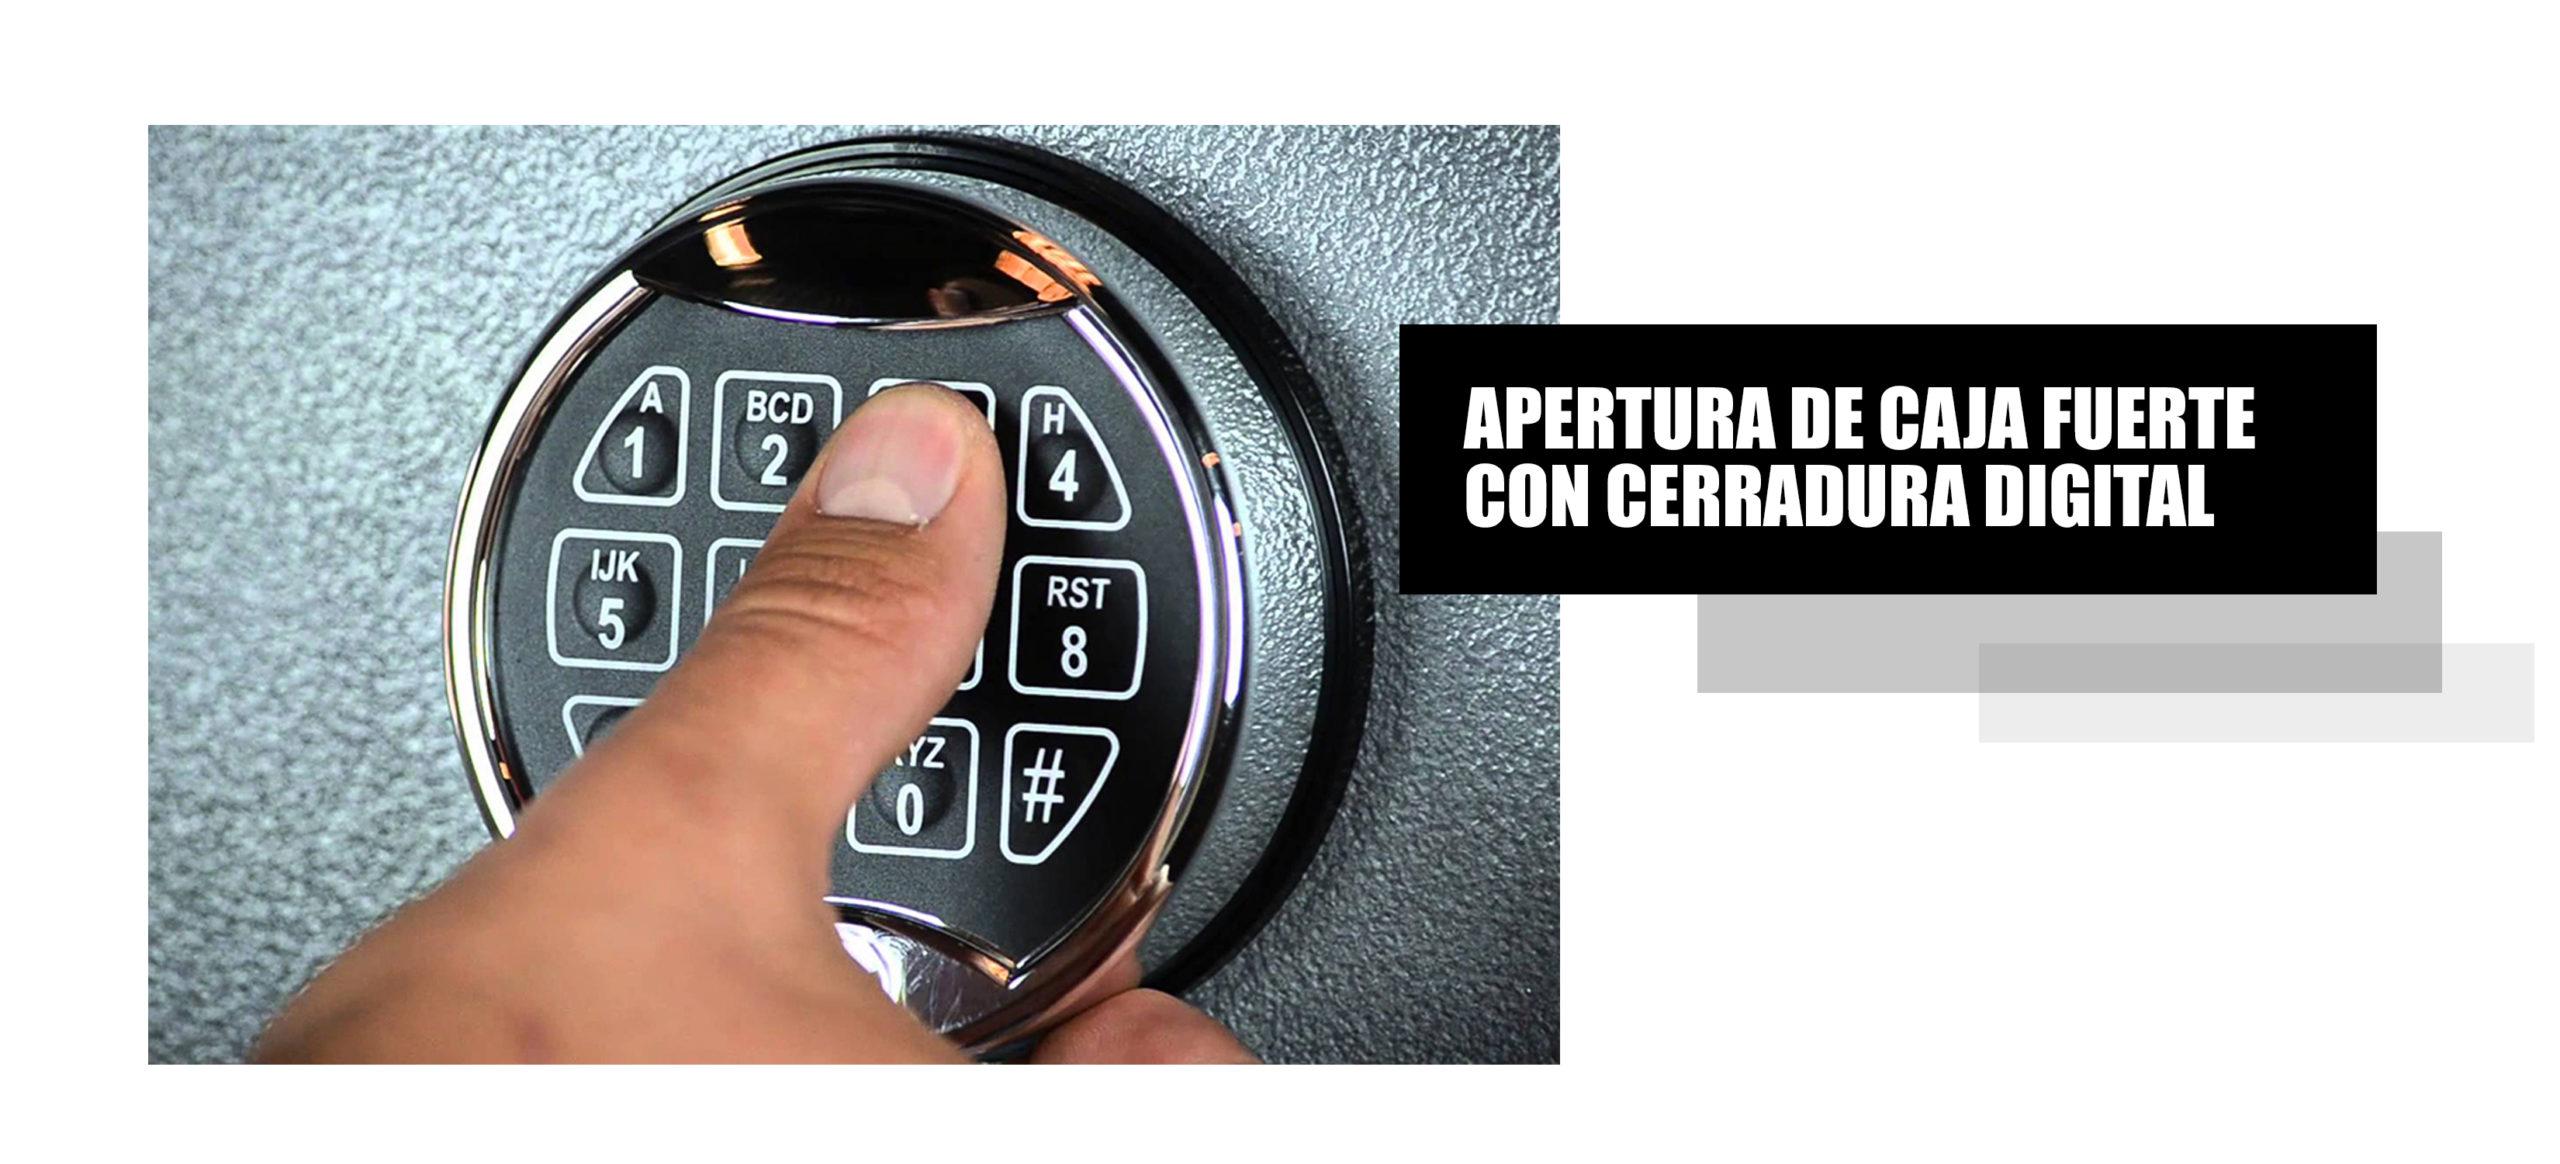 Apertura de caja fuerte con cerradura electrónica o digital en Lima